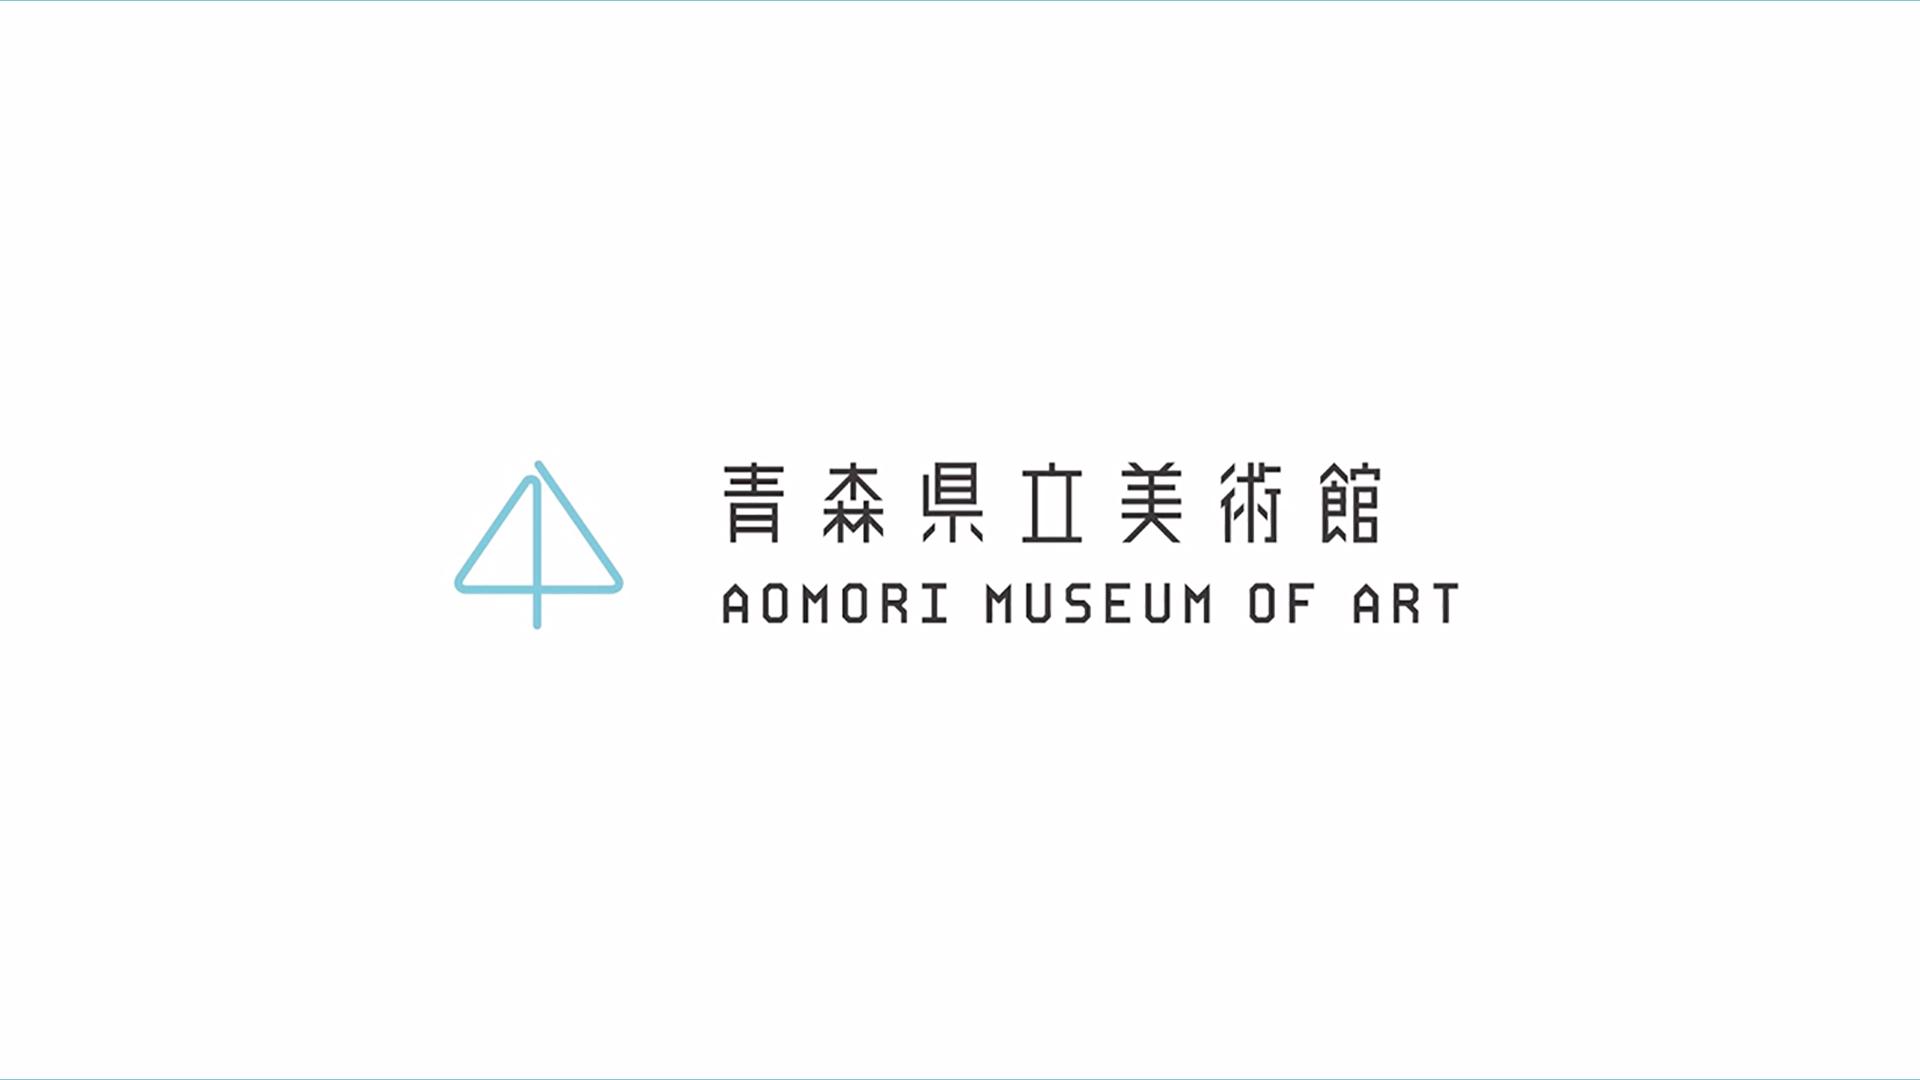 青森県立美術館プロモーション